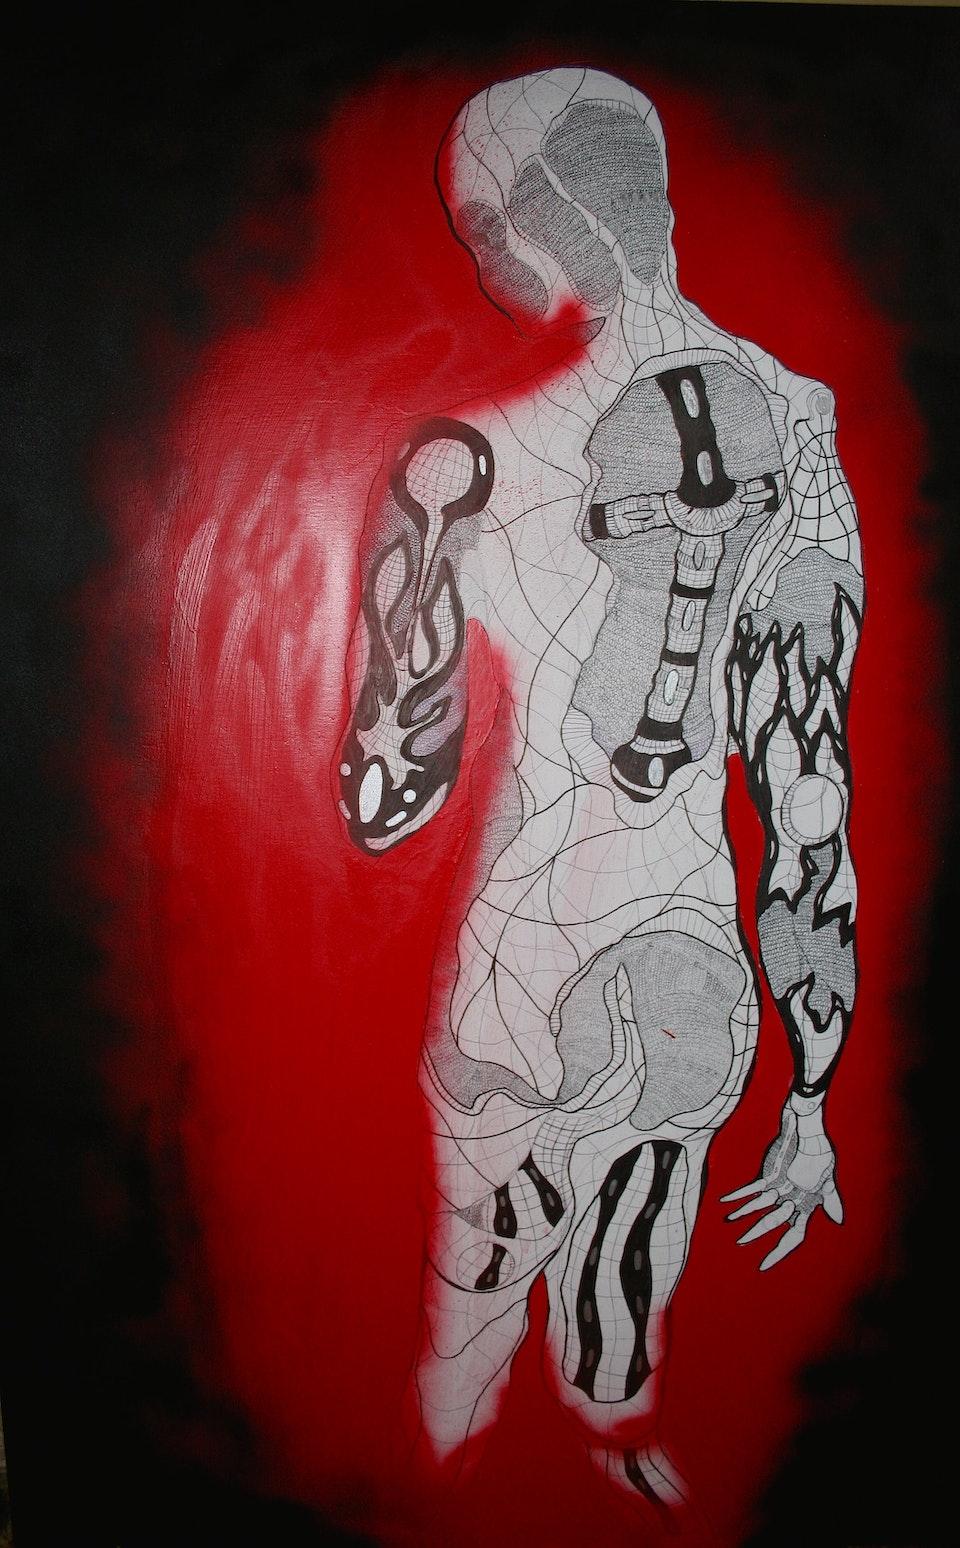 Omina mutanur nos et, mutamur in illis( 90cm x 132cm) Pen and Ink, Graphite, Spray Paint -